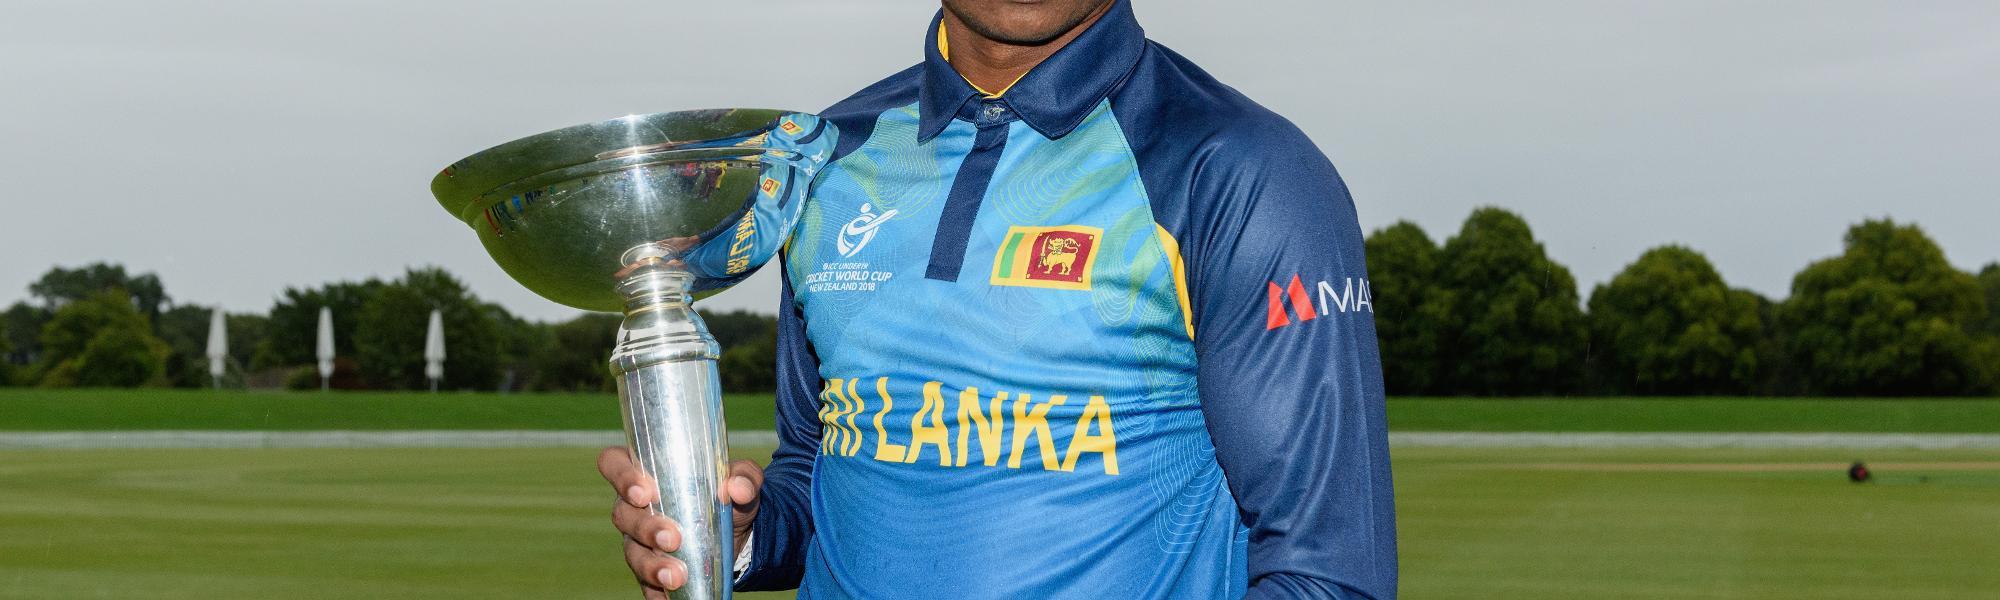 Sri Lanka U19s - Kamindu Mendis